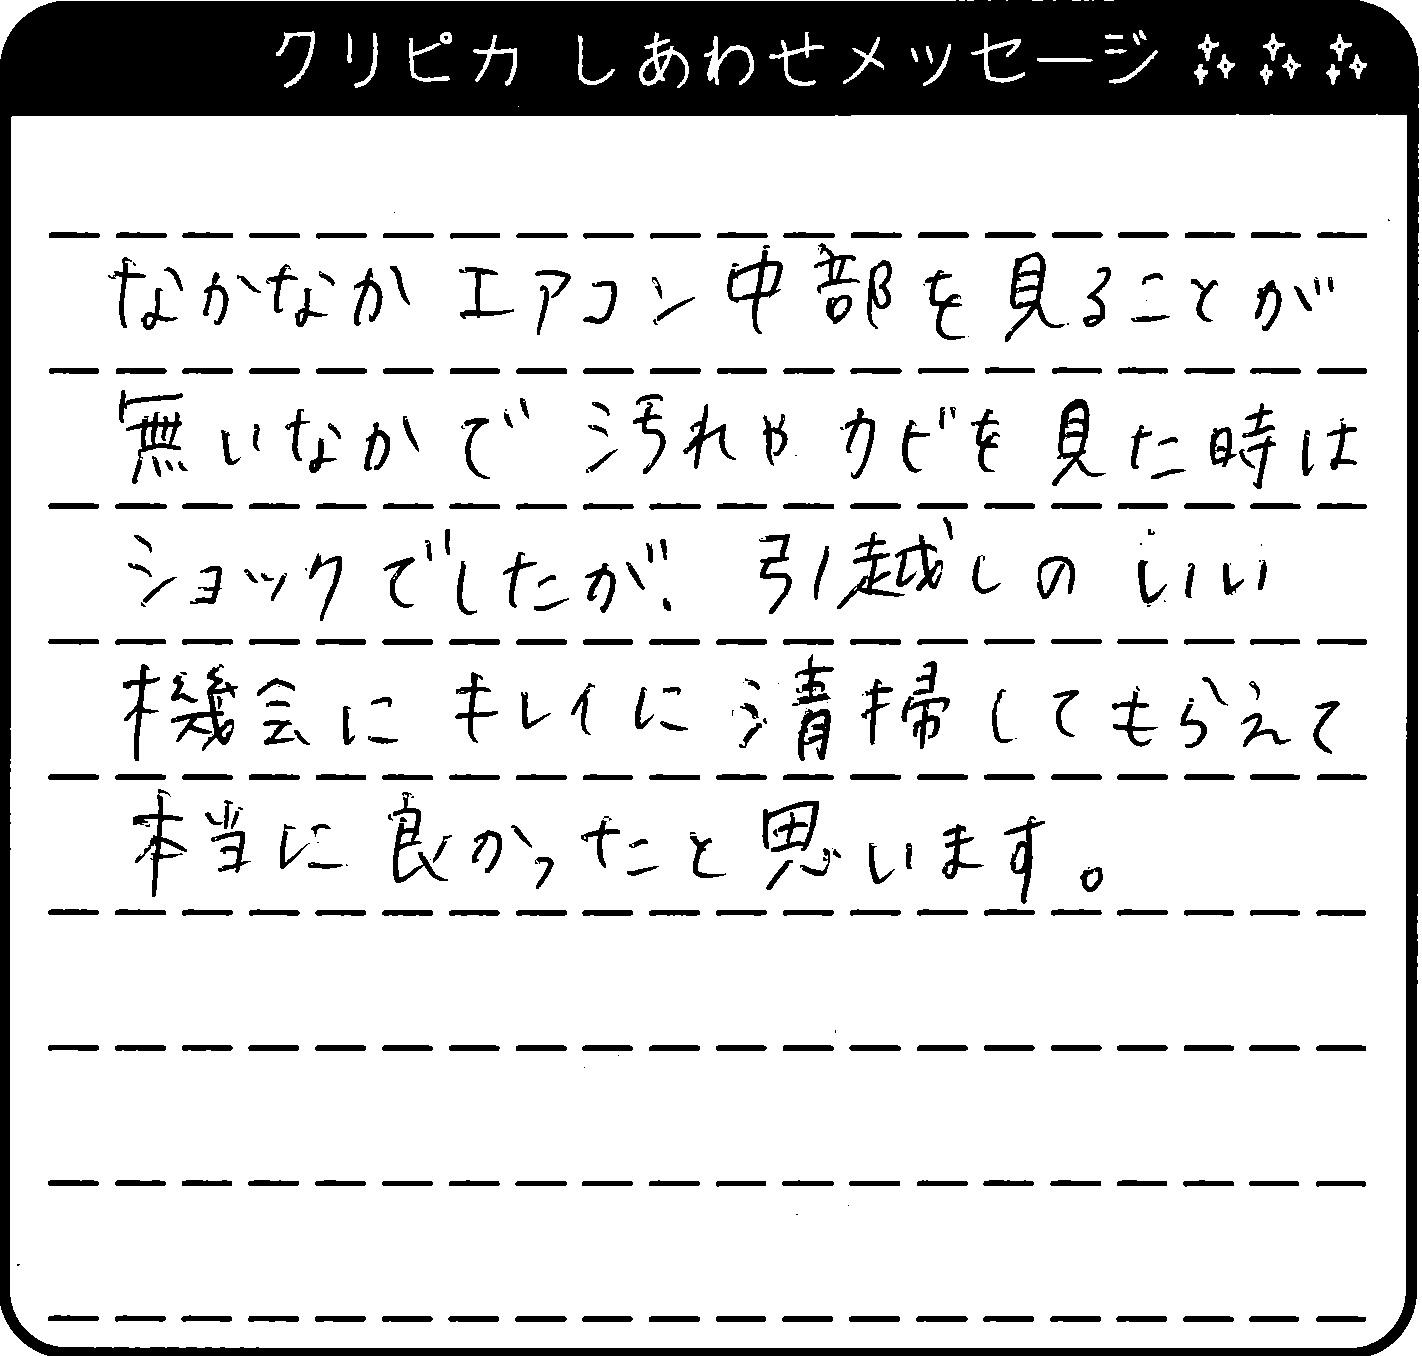 東京都 T様からのしあわせメッセージ